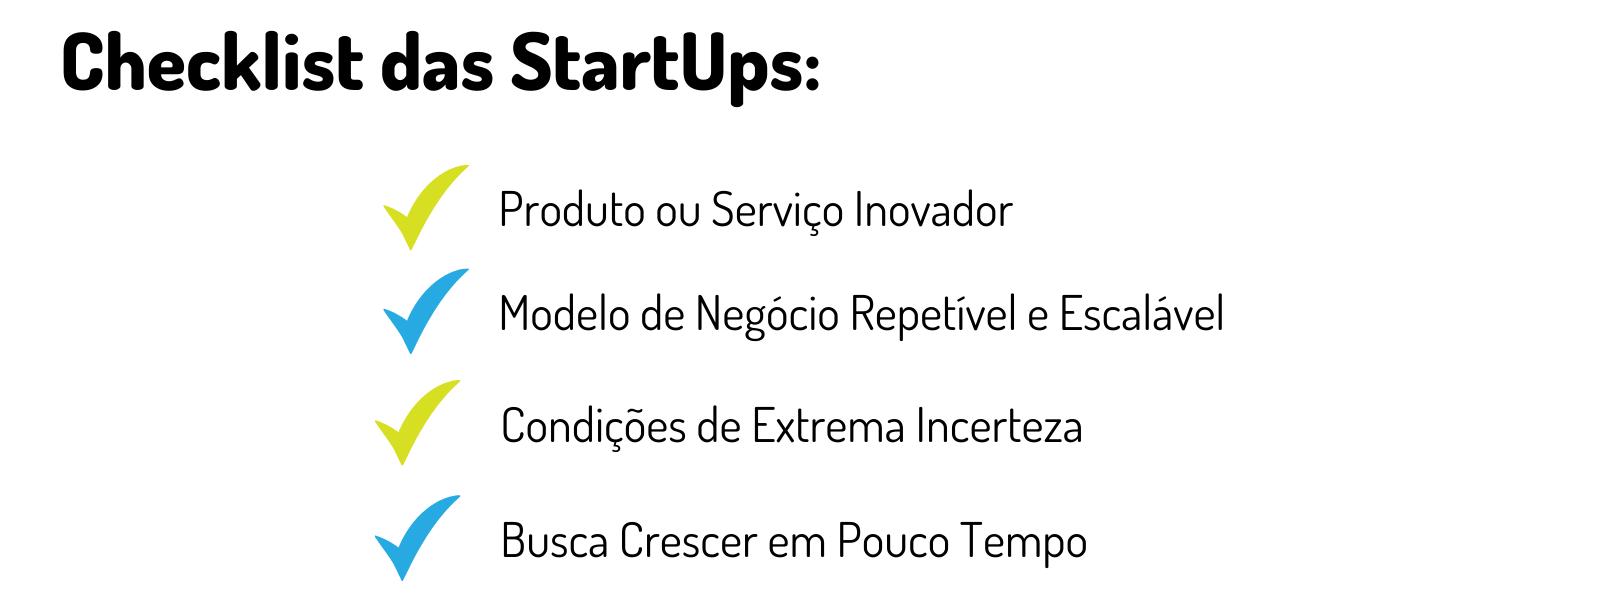 Infográfico Checklist das StartUps